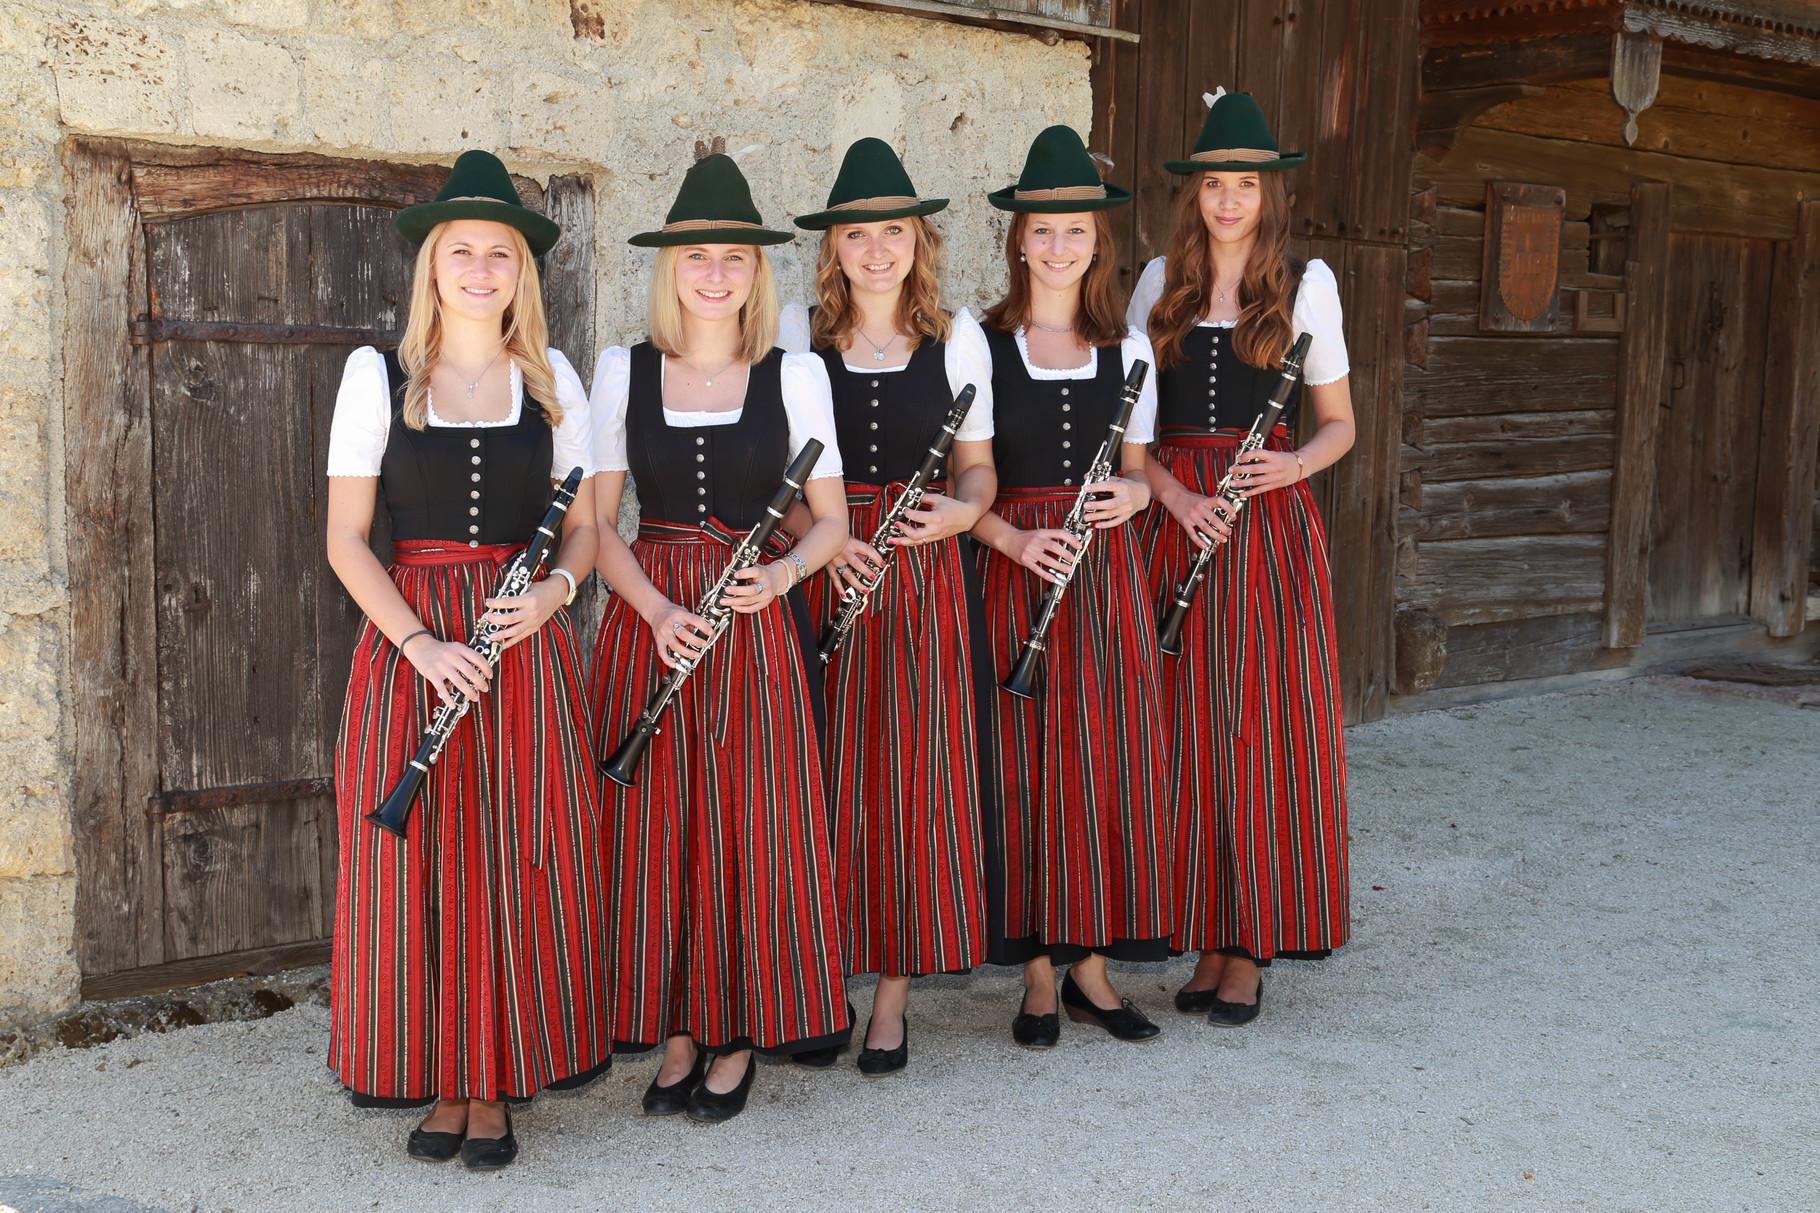 Melanie Asen, Katharina Kirsch, Sonja Dicker, Annemarie Altenbuchner, Lisa Grünbacher